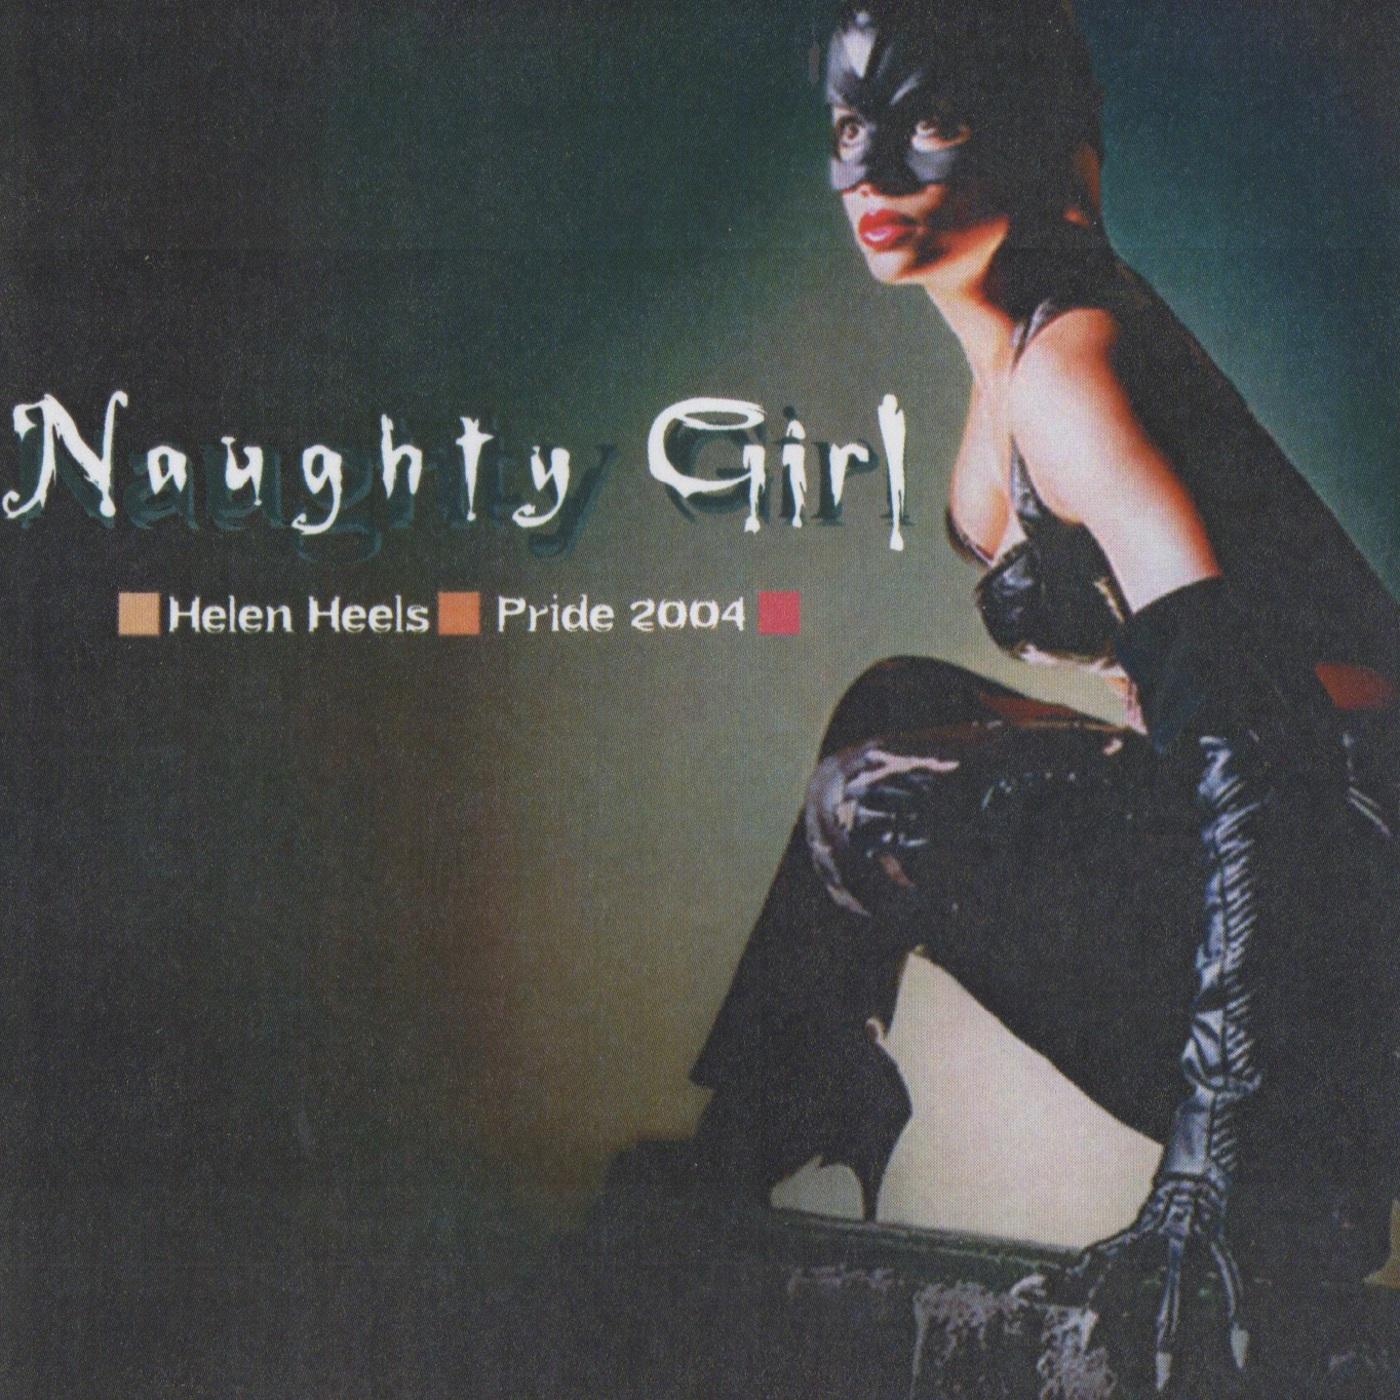 Pride - Naughty Girl DJ Dave Allen's podcast